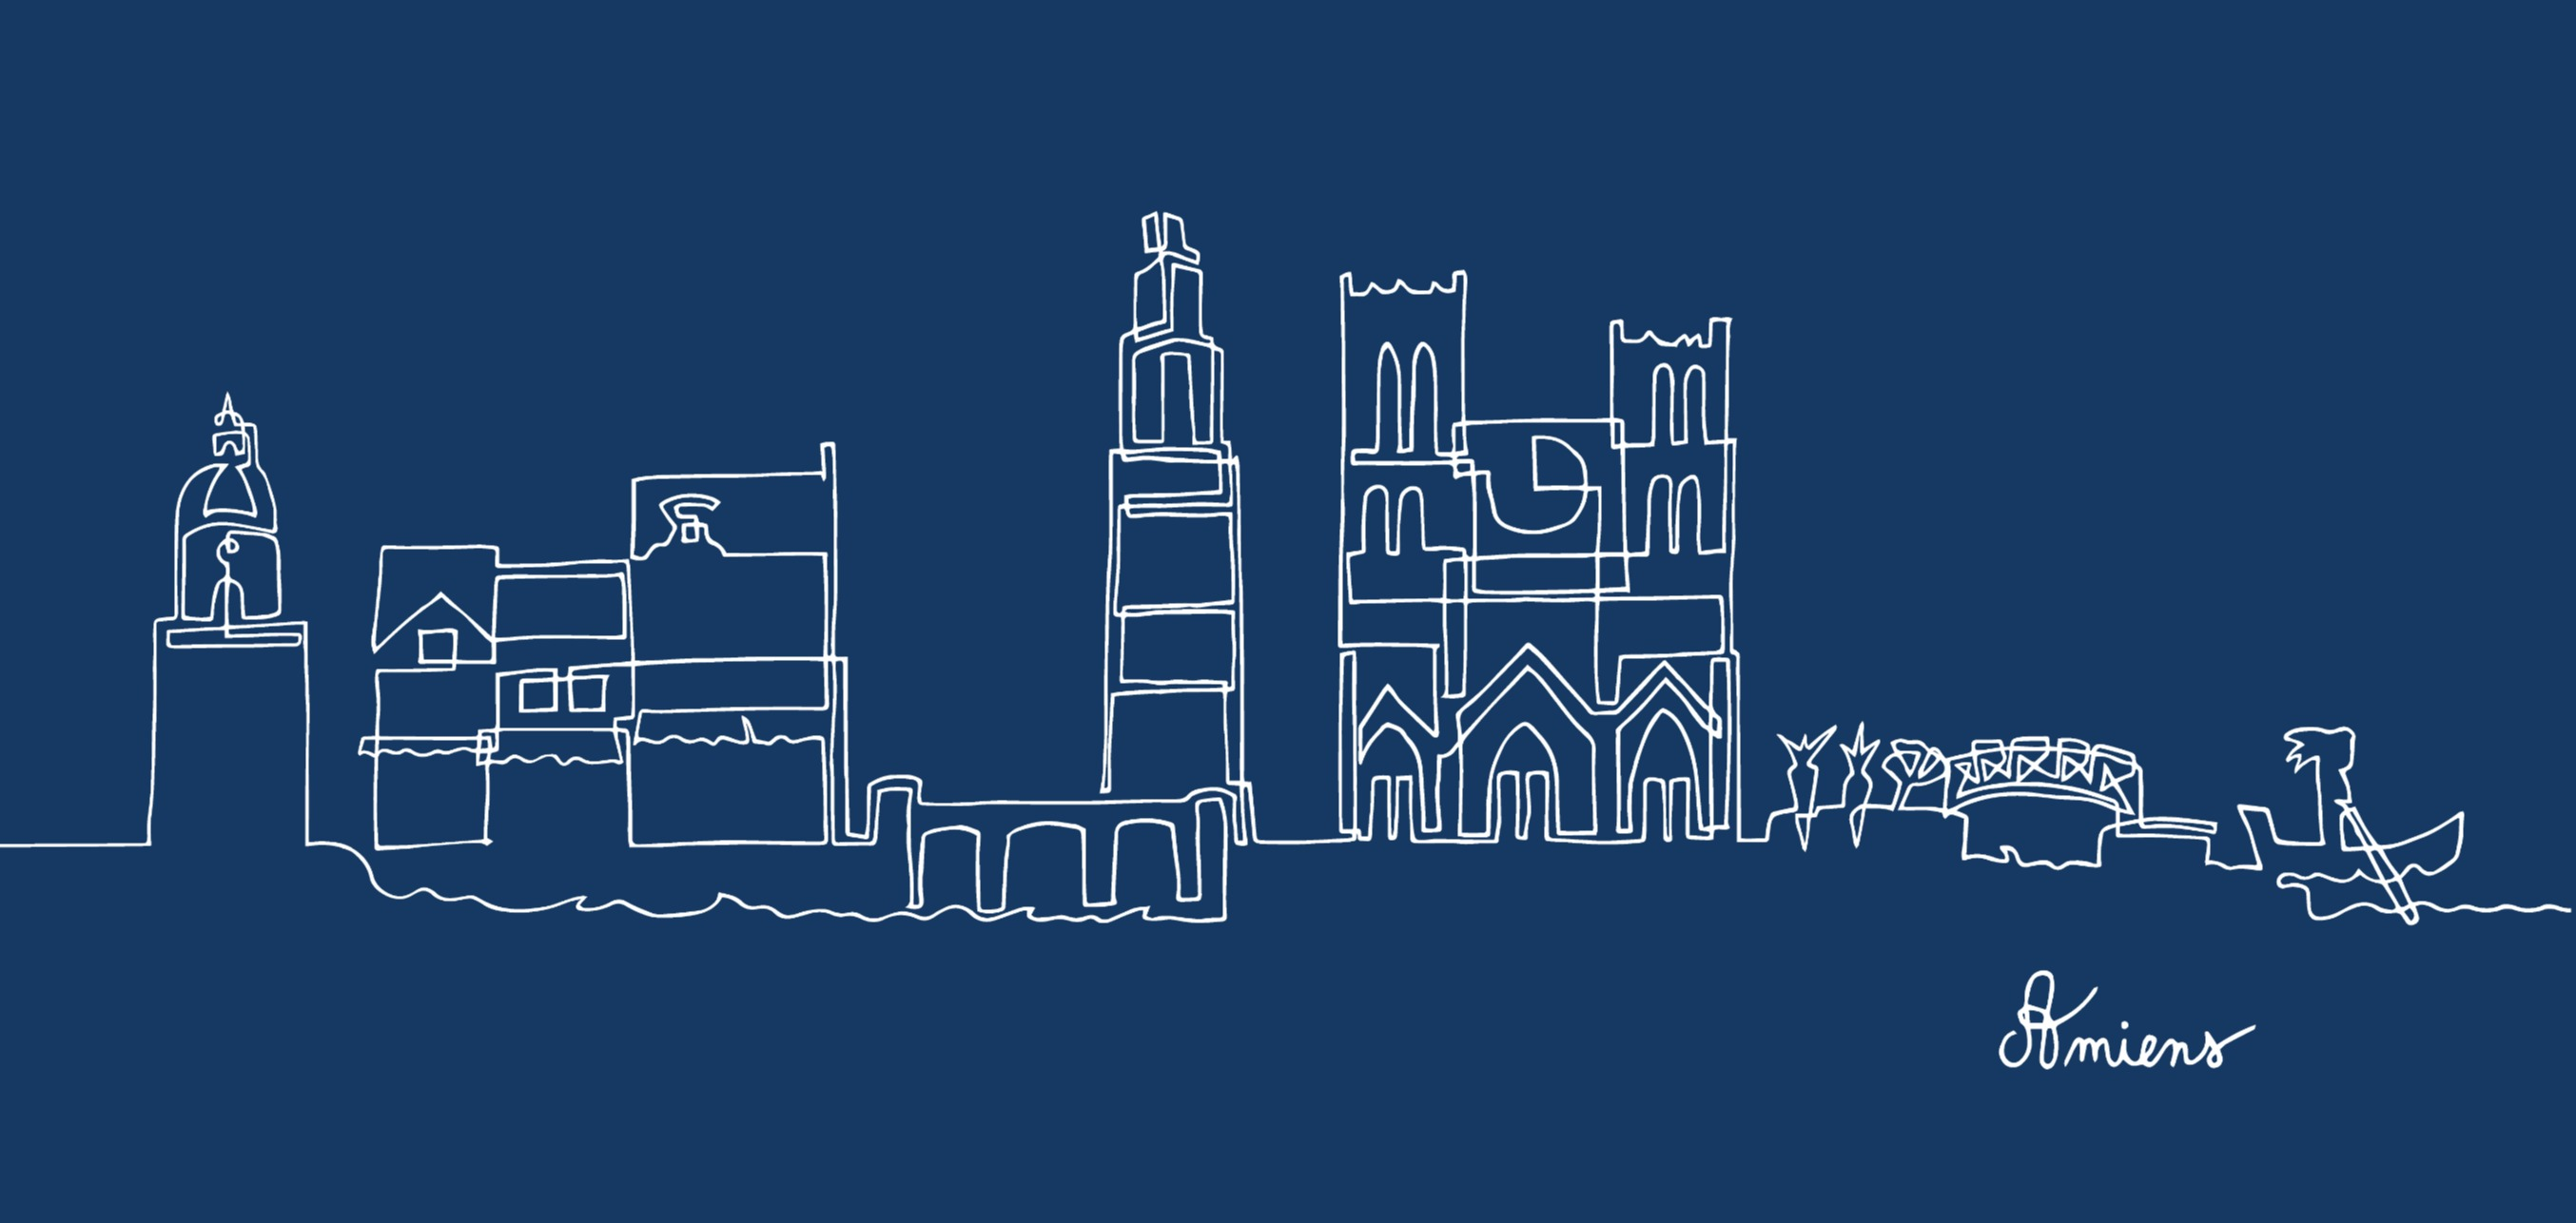 Bleu - Amiens